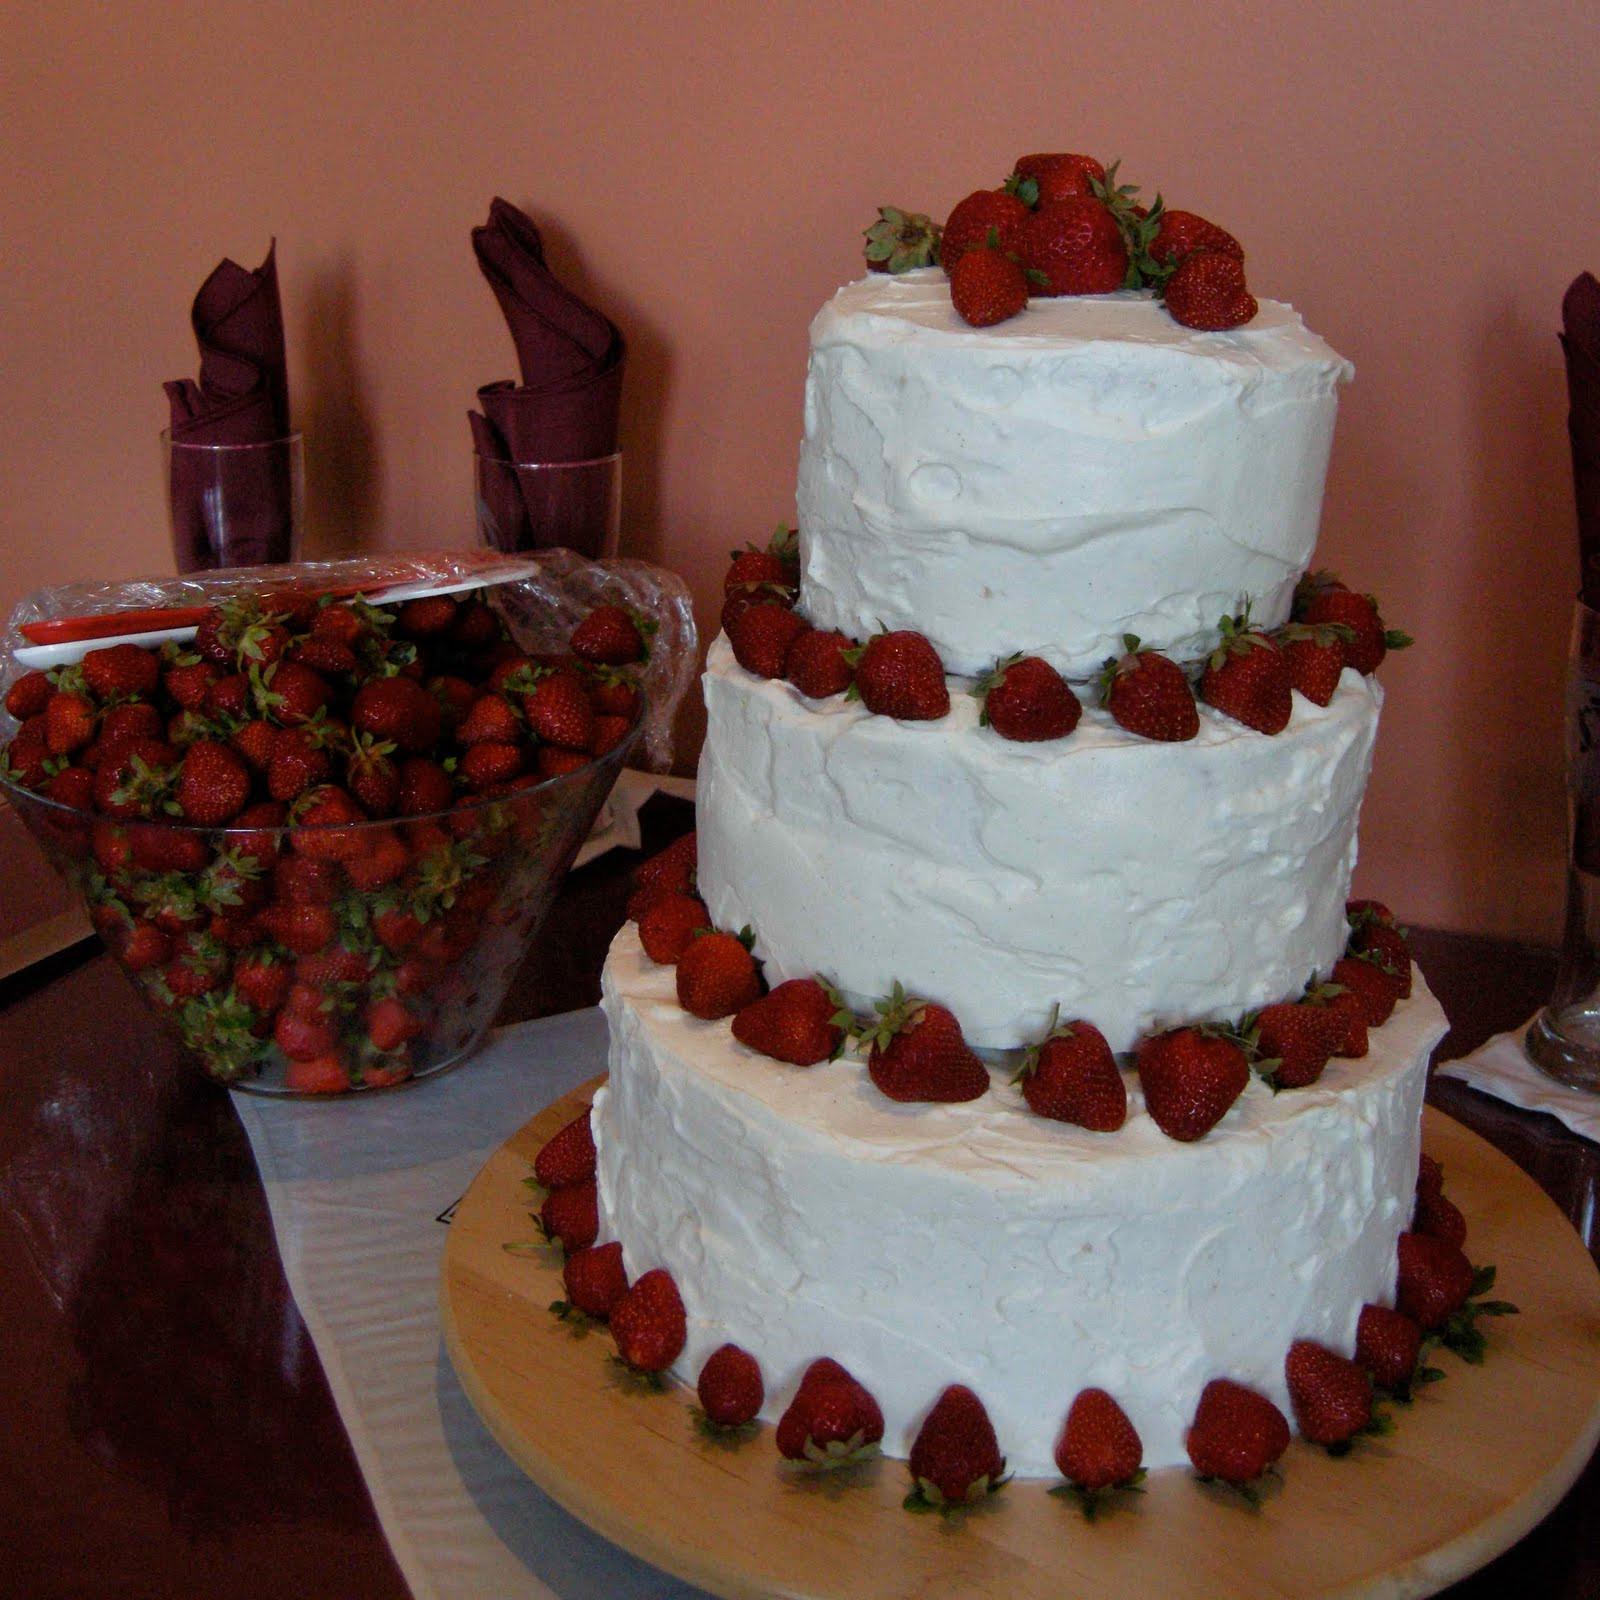 Strawberry Wedding Cakes  Mary Mary Culinary Strawberry wedding cake